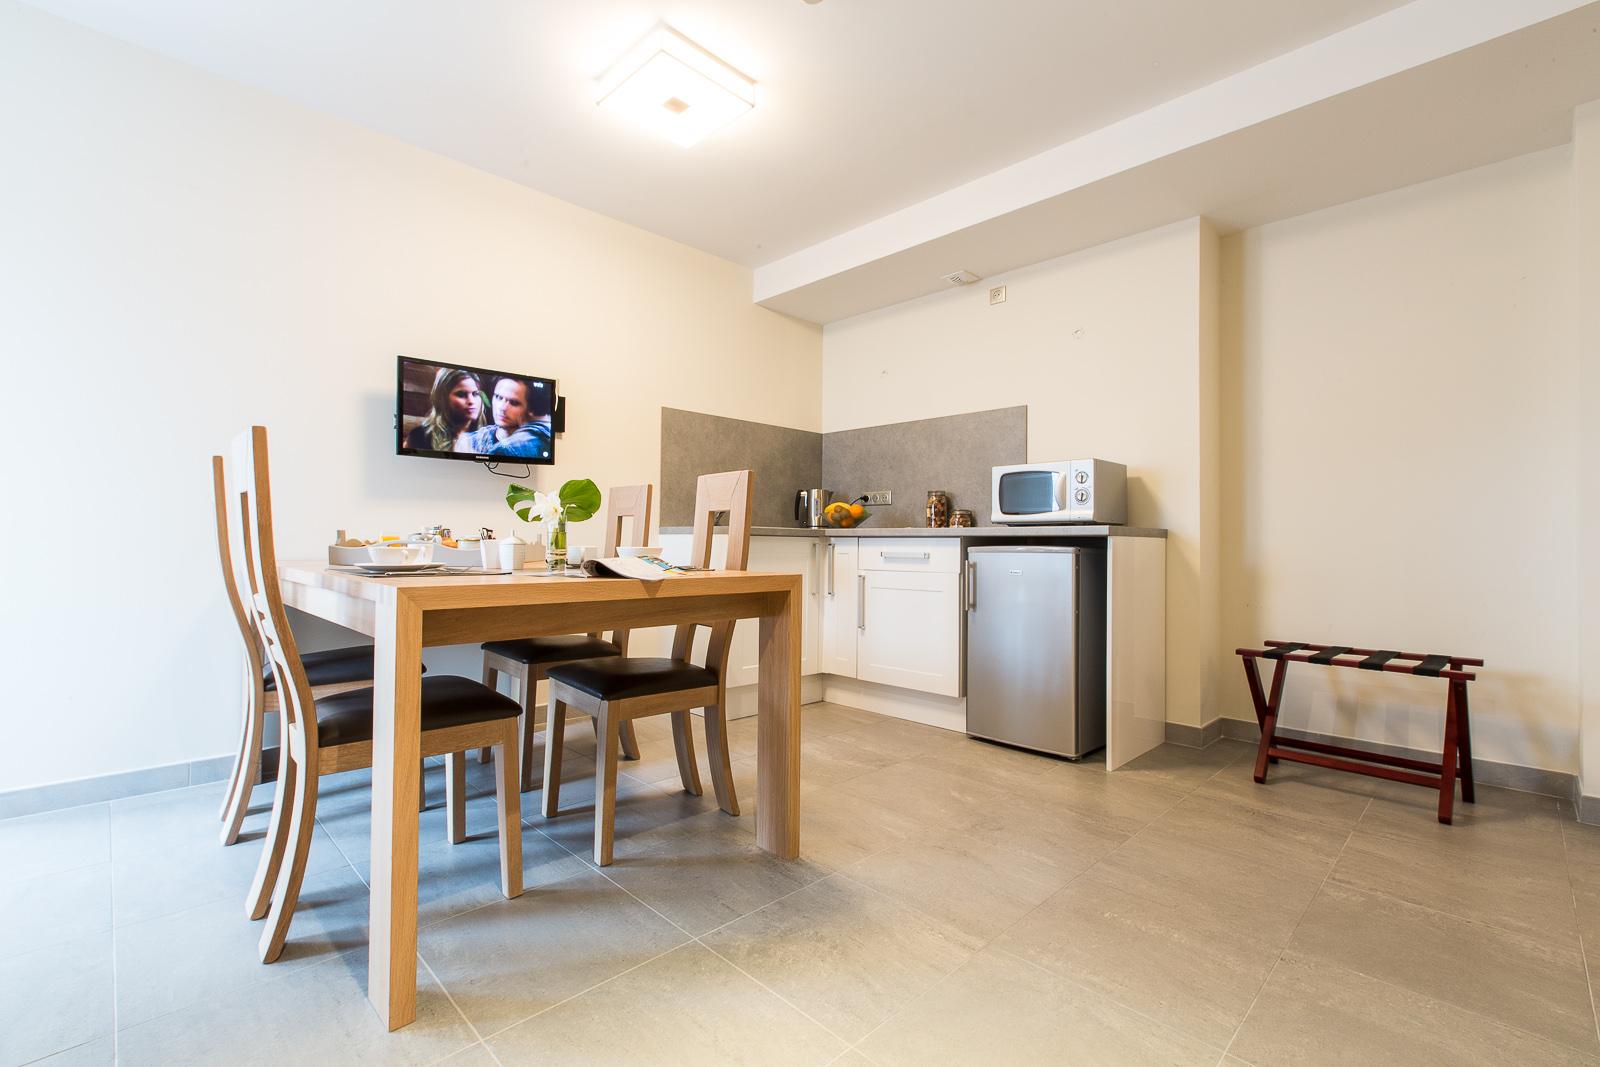 Hôtel Marotte - appartement cuisine